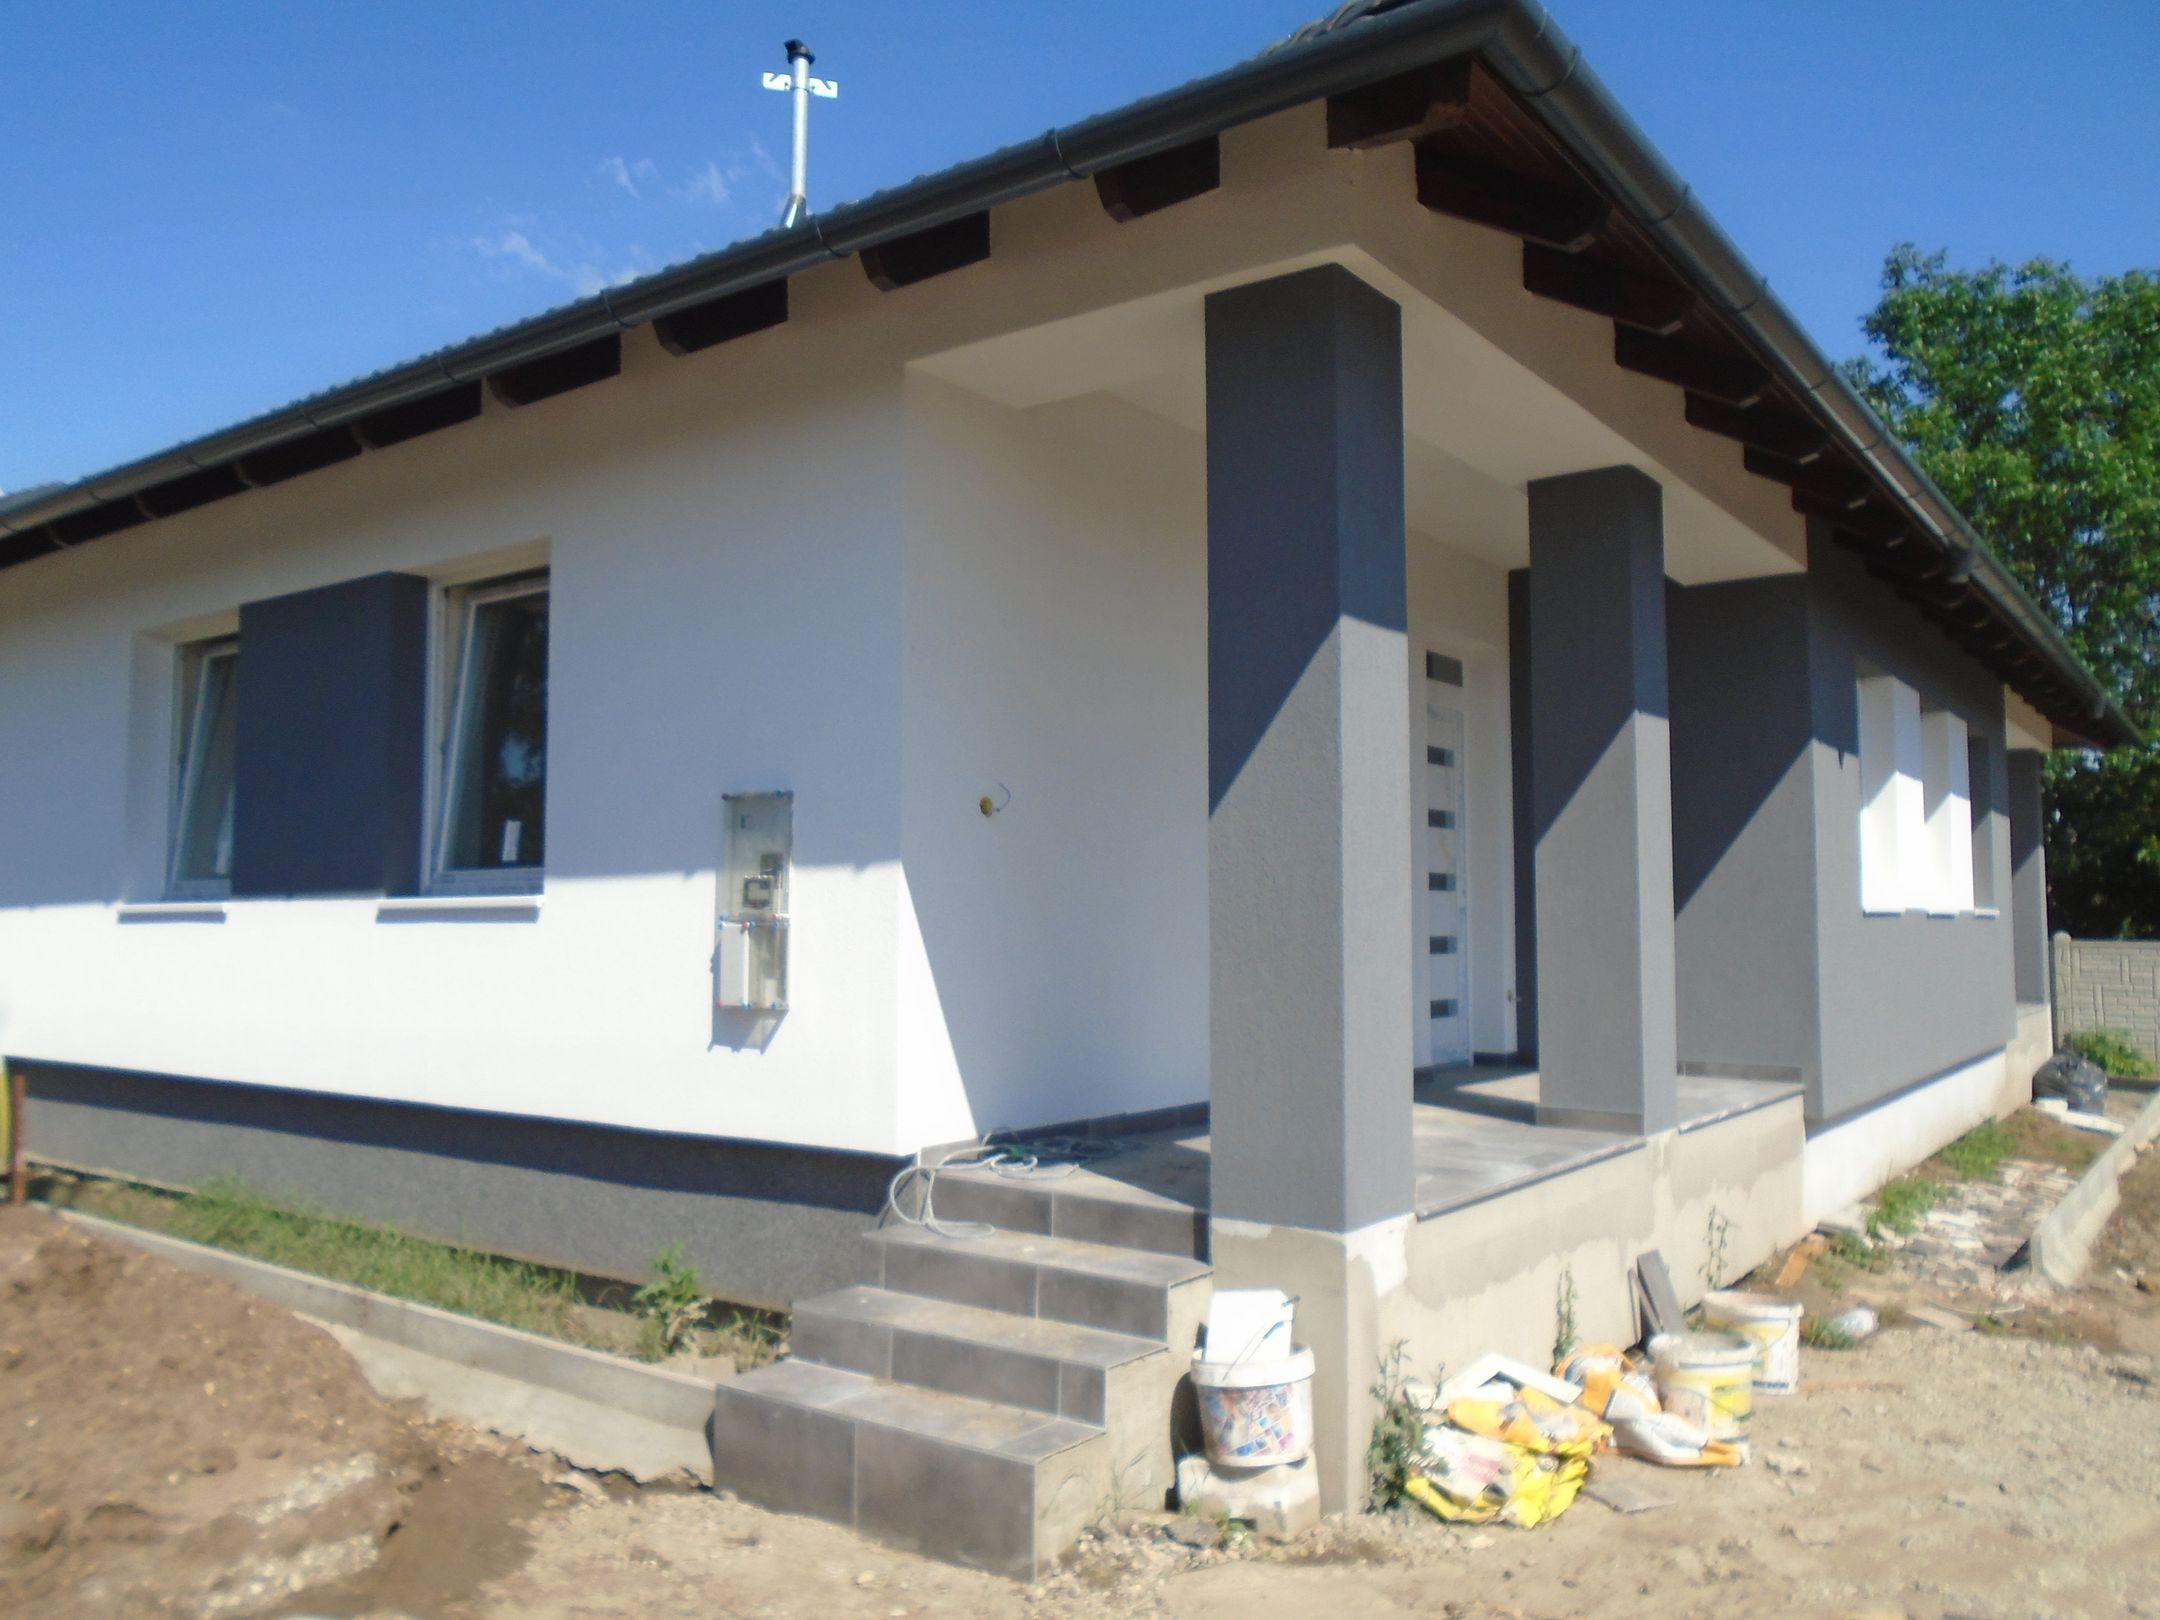 Gyömrő egyik új építésű részén,kellemes környezetben eladó egy földszintes,új építésű családi ház.